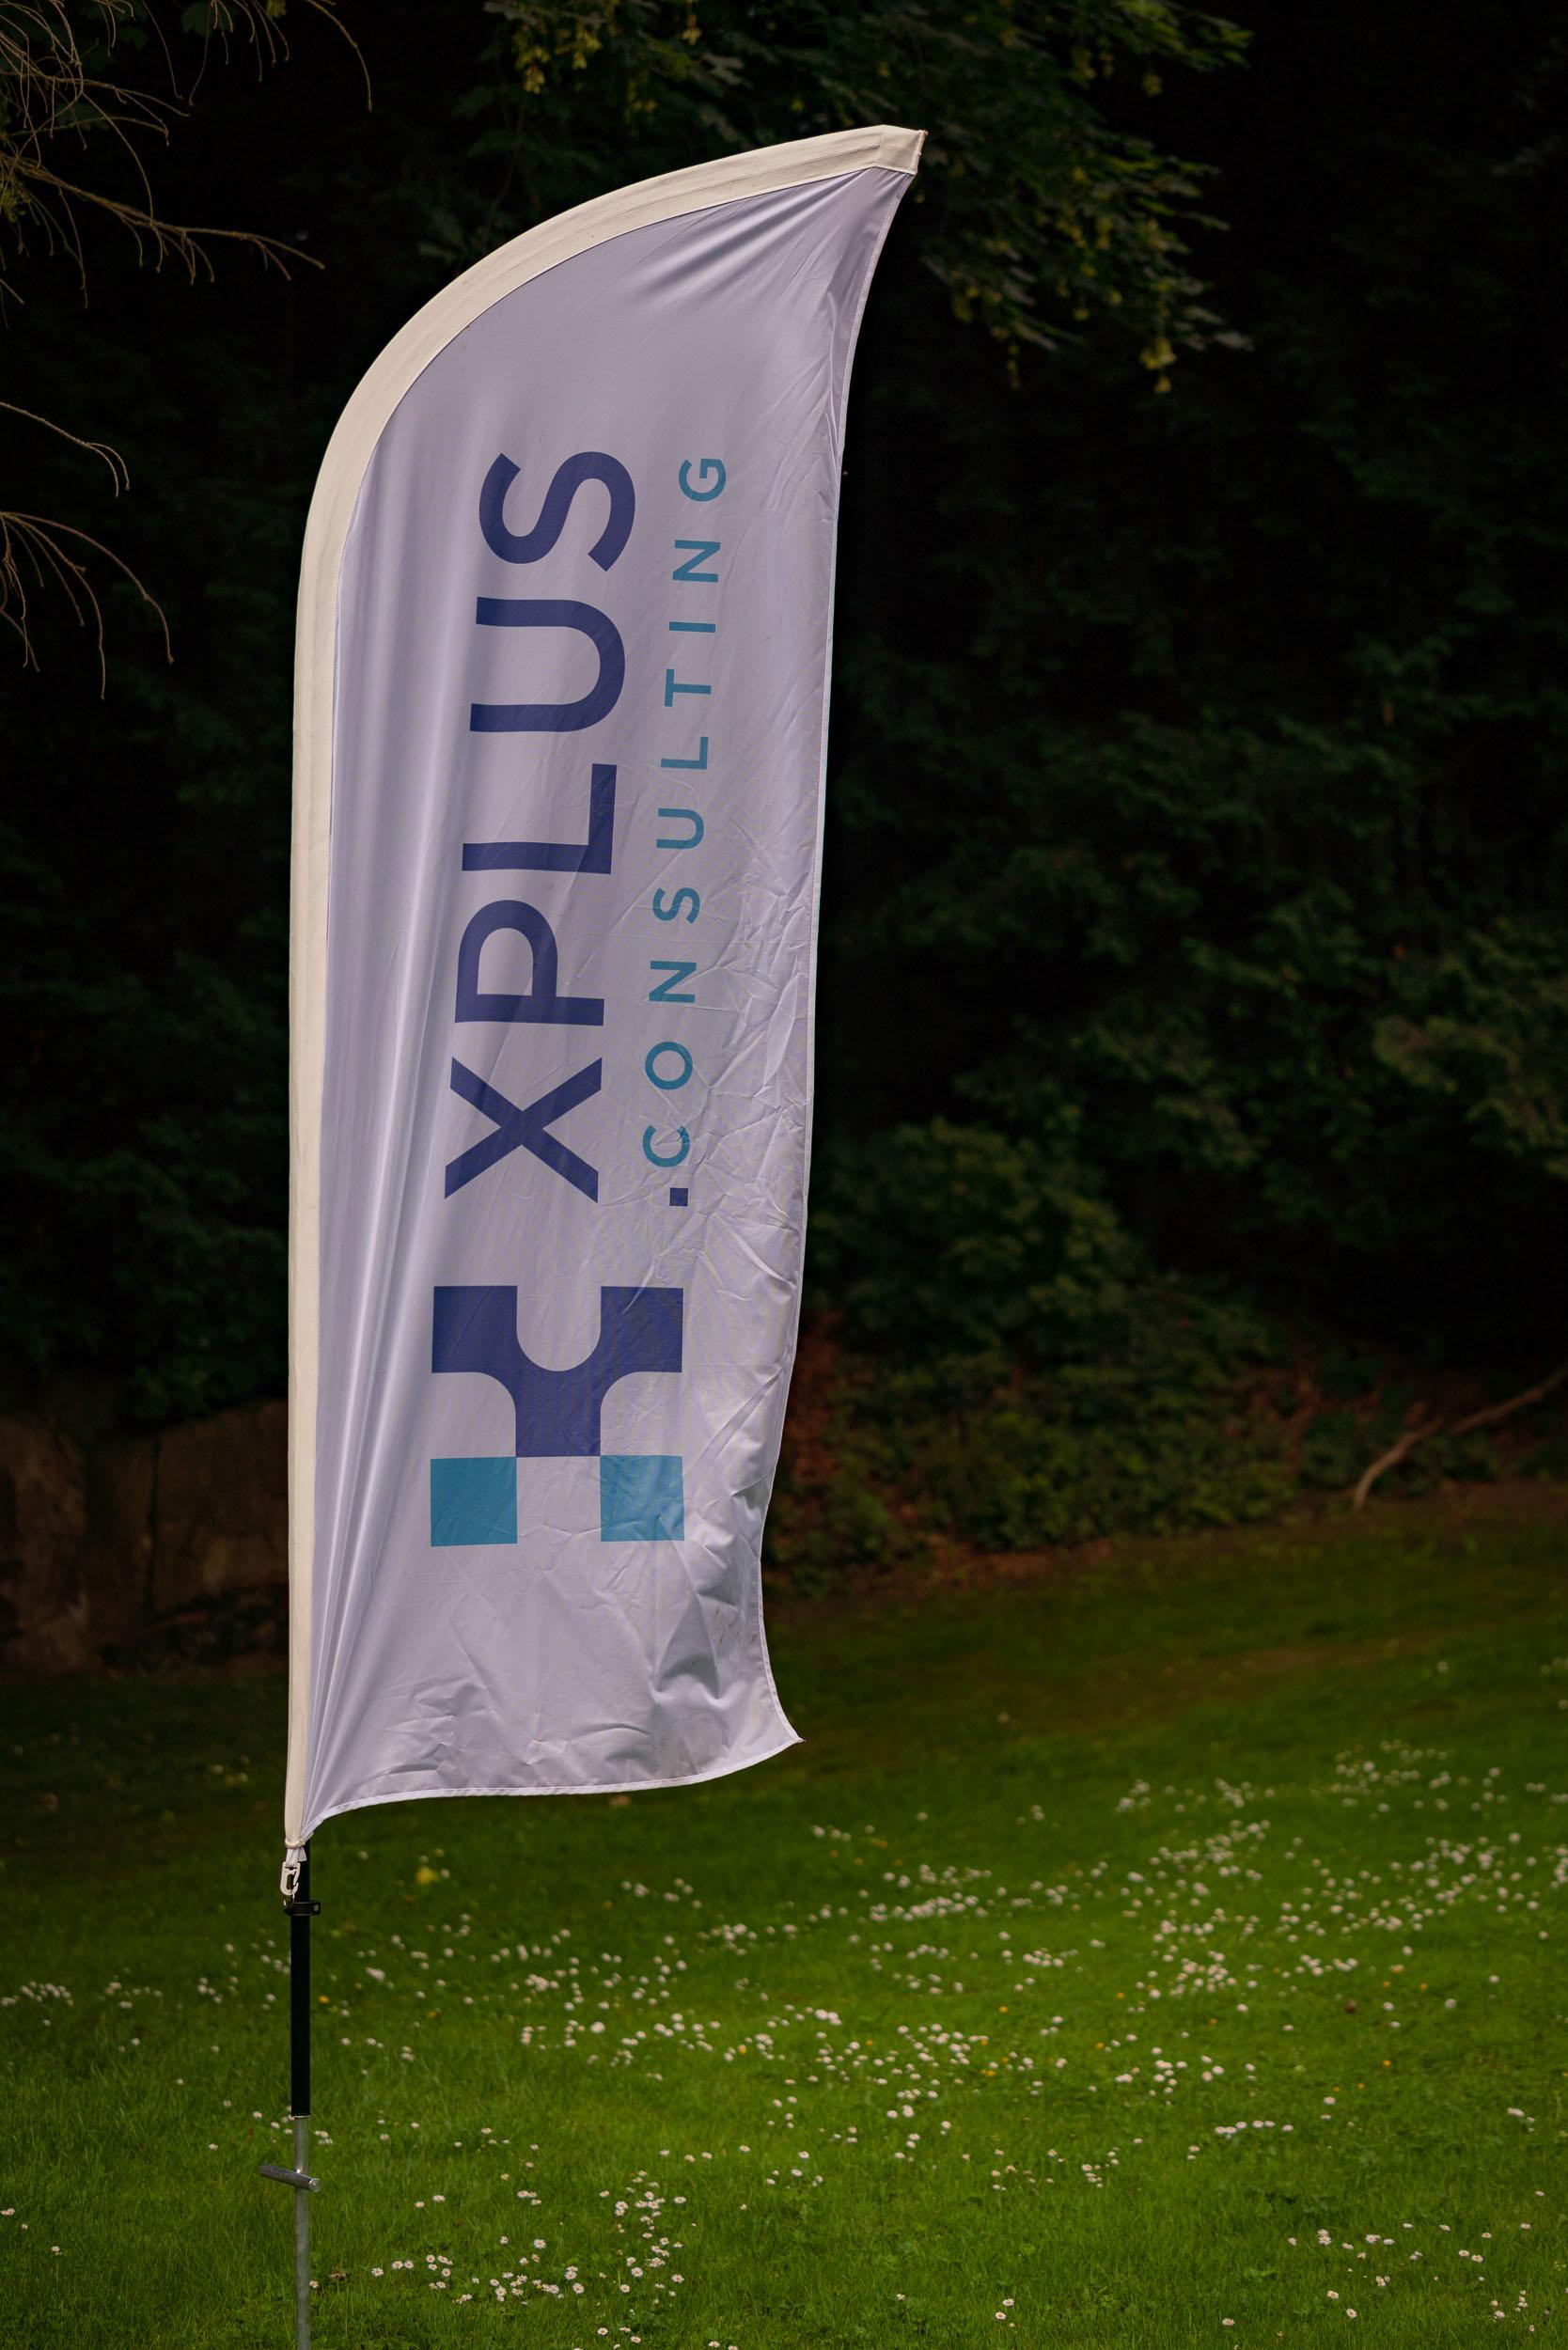 Soirée de la société XPlus. Photographie réalisée par un ph